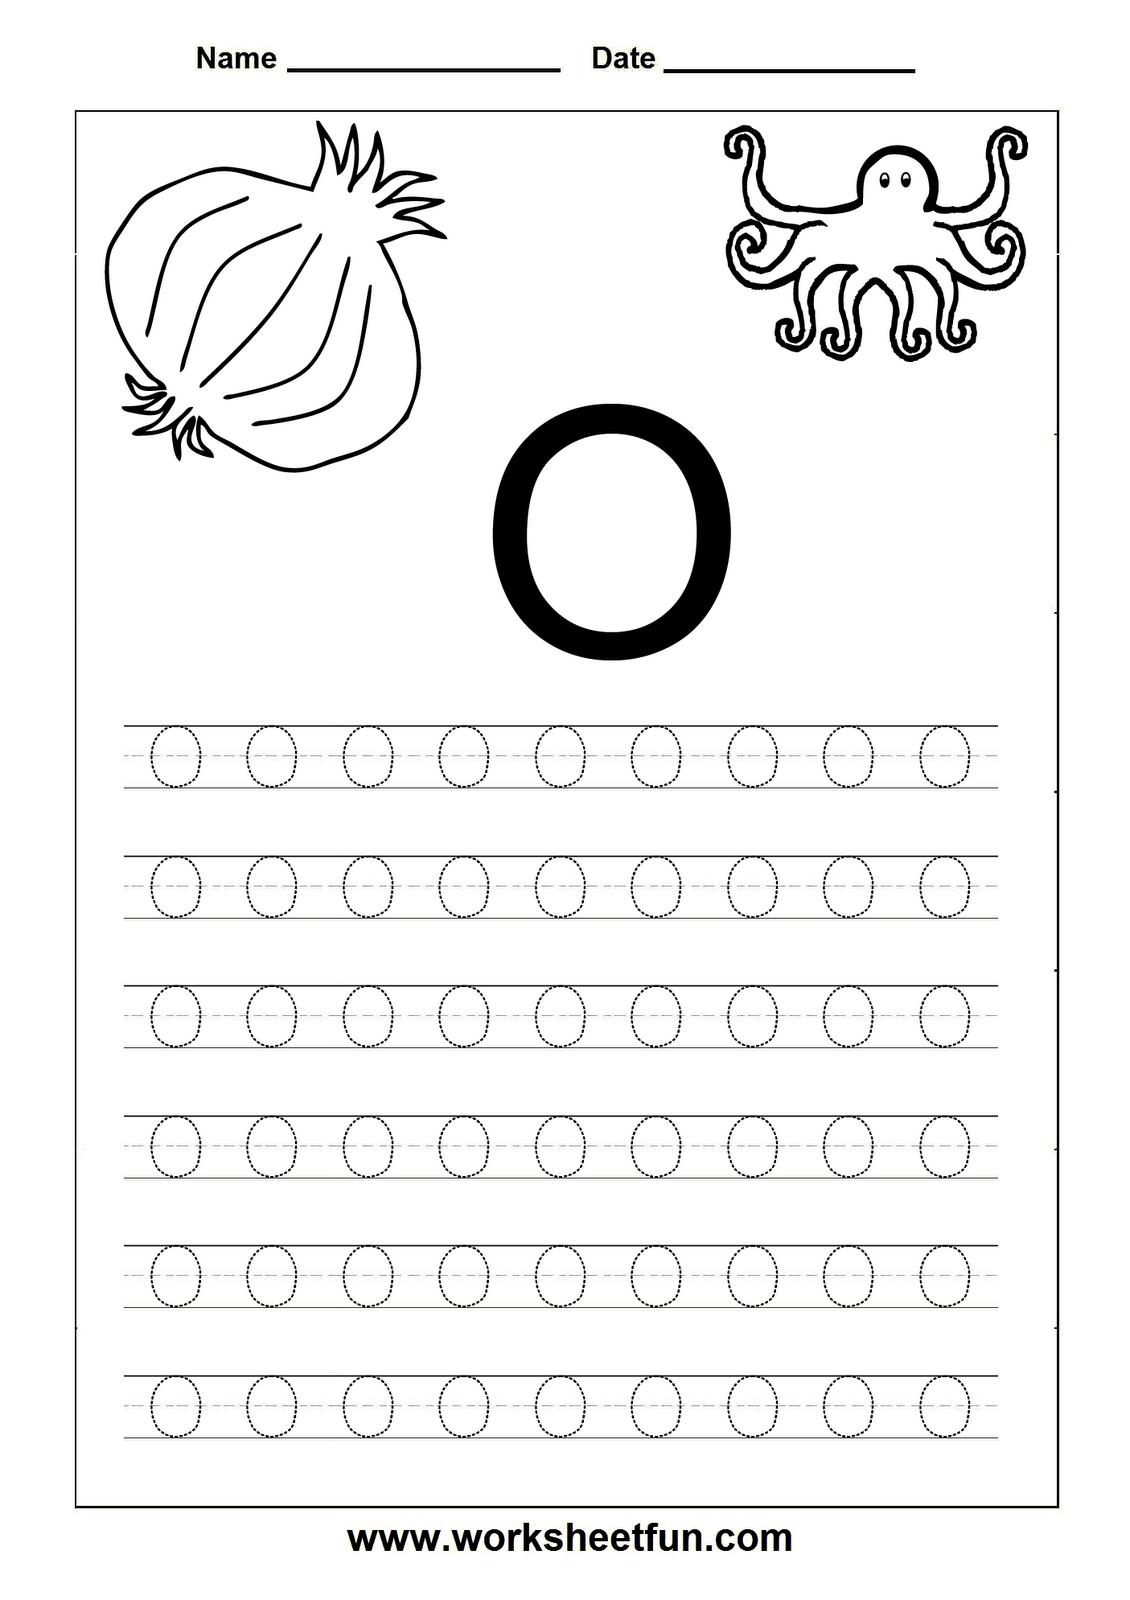 Worksheetfun Free Printable Worksheets Alphabet Worksheets Letter O Worksheets Homework Letter [ 1600 x 1130 Pixel ]